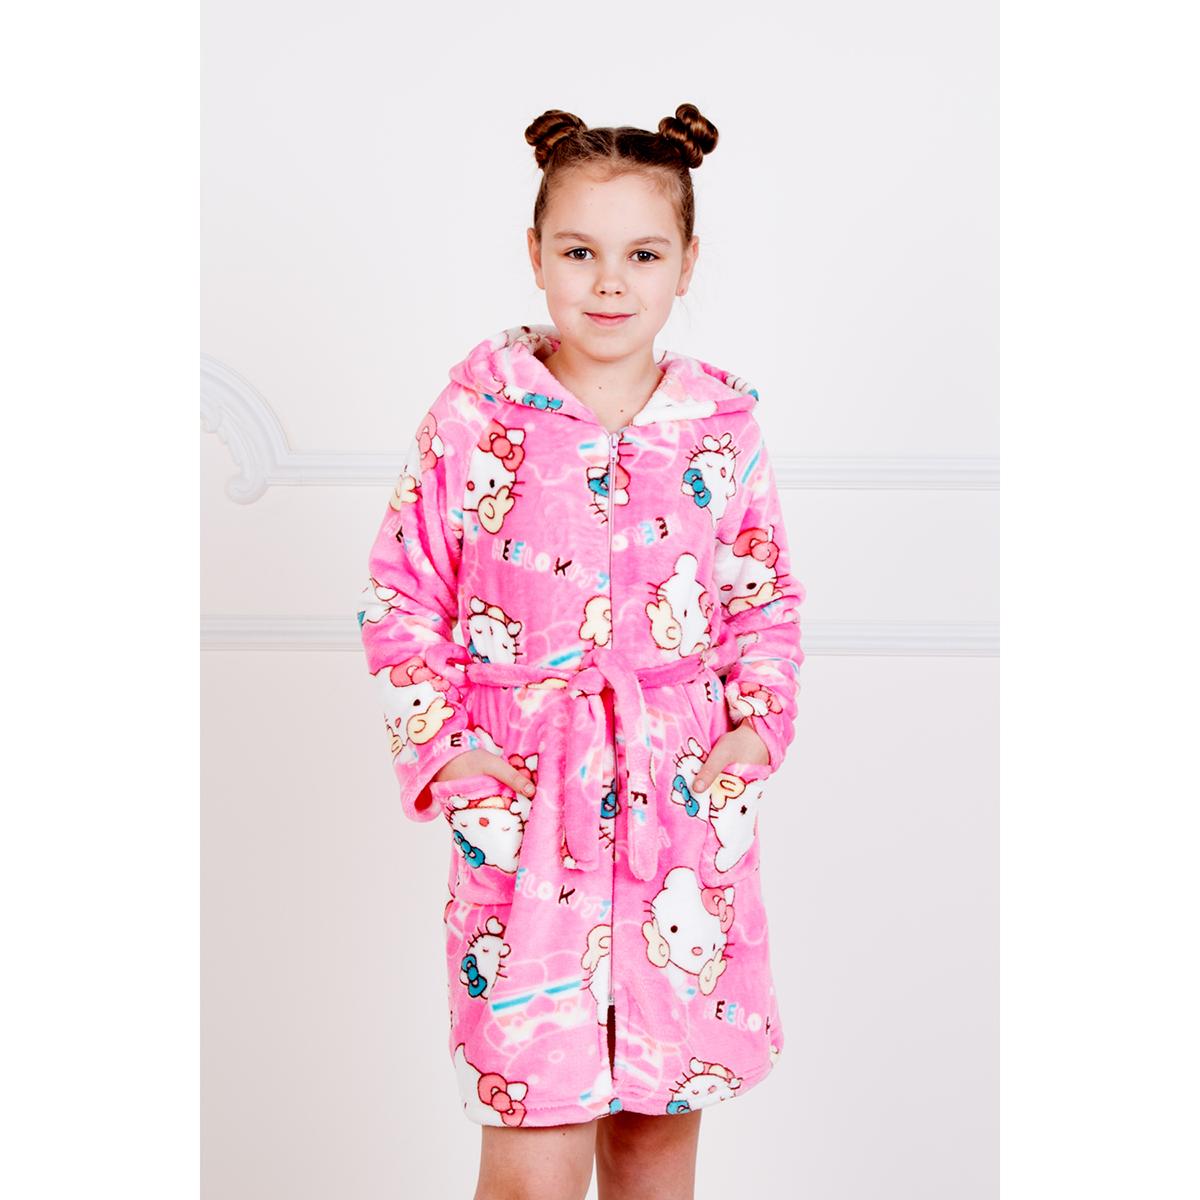 """Детский халат """"Китти"""" Розовый, размер 28 Лика Дресс"""